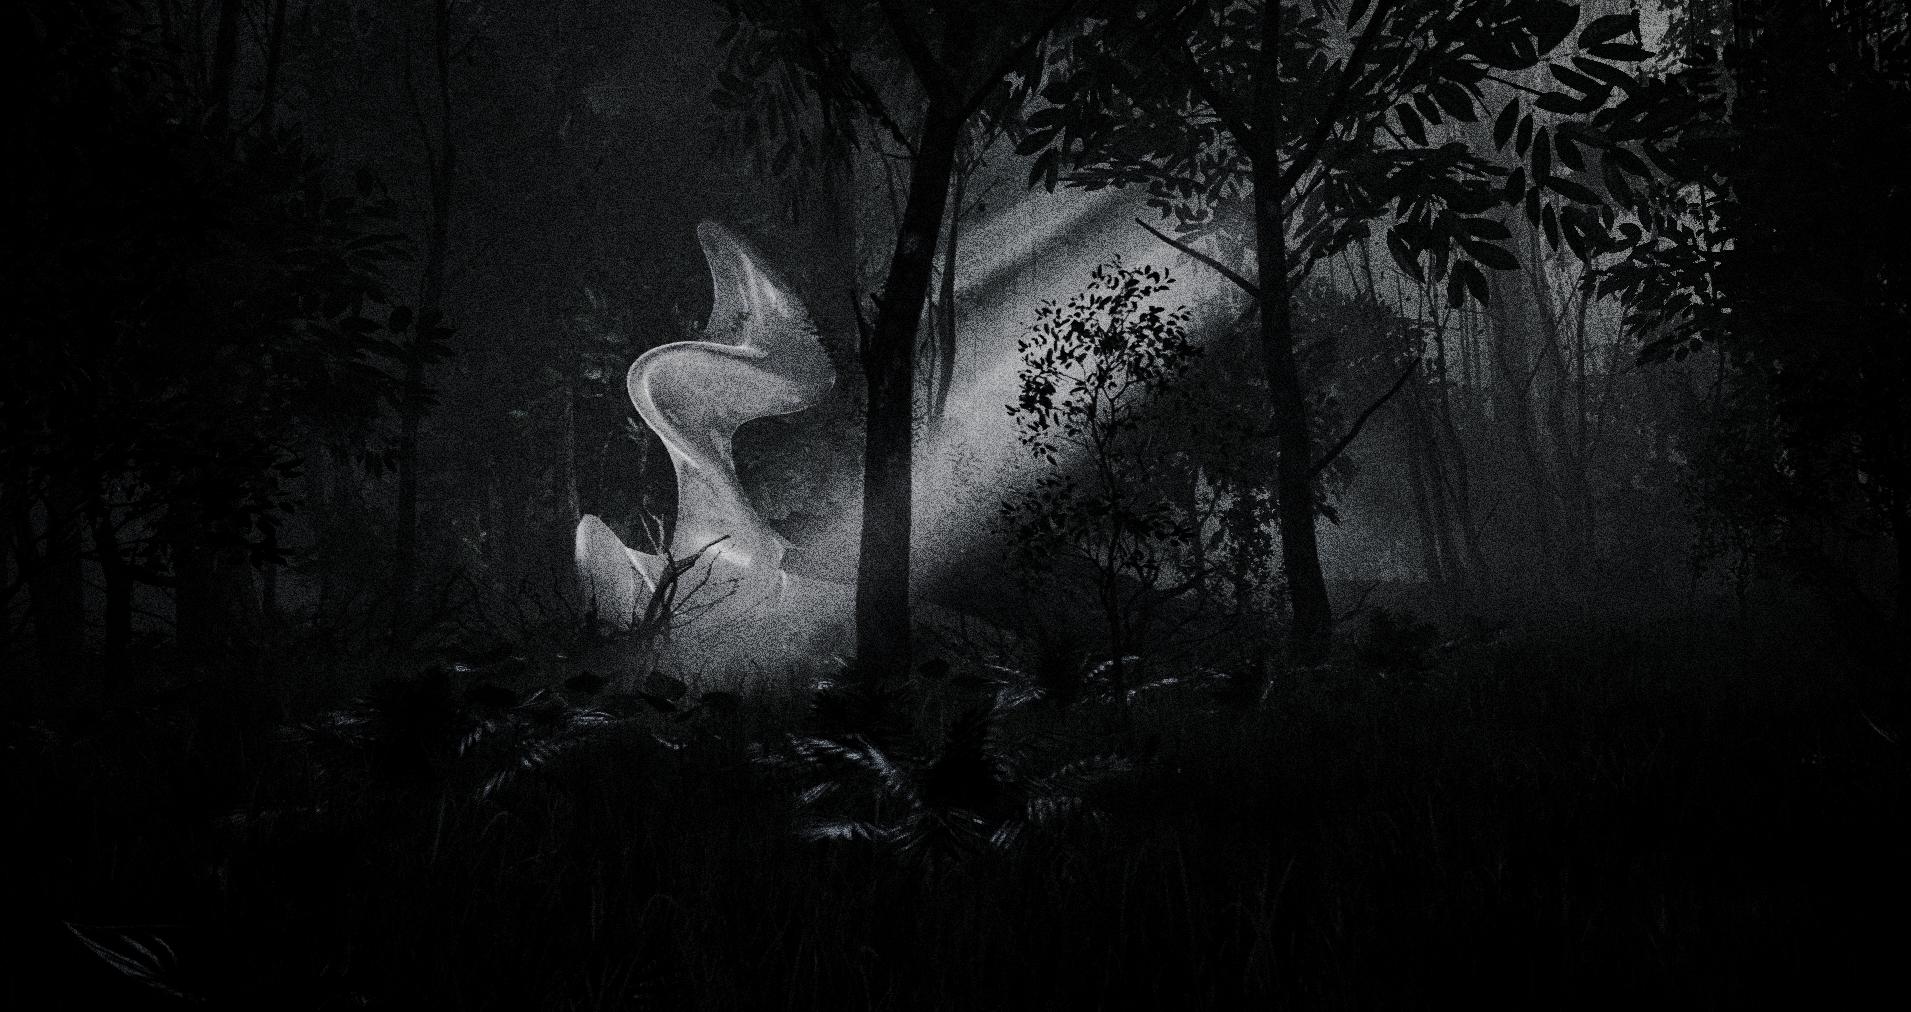 FOREST-SCULPTURE.jpg